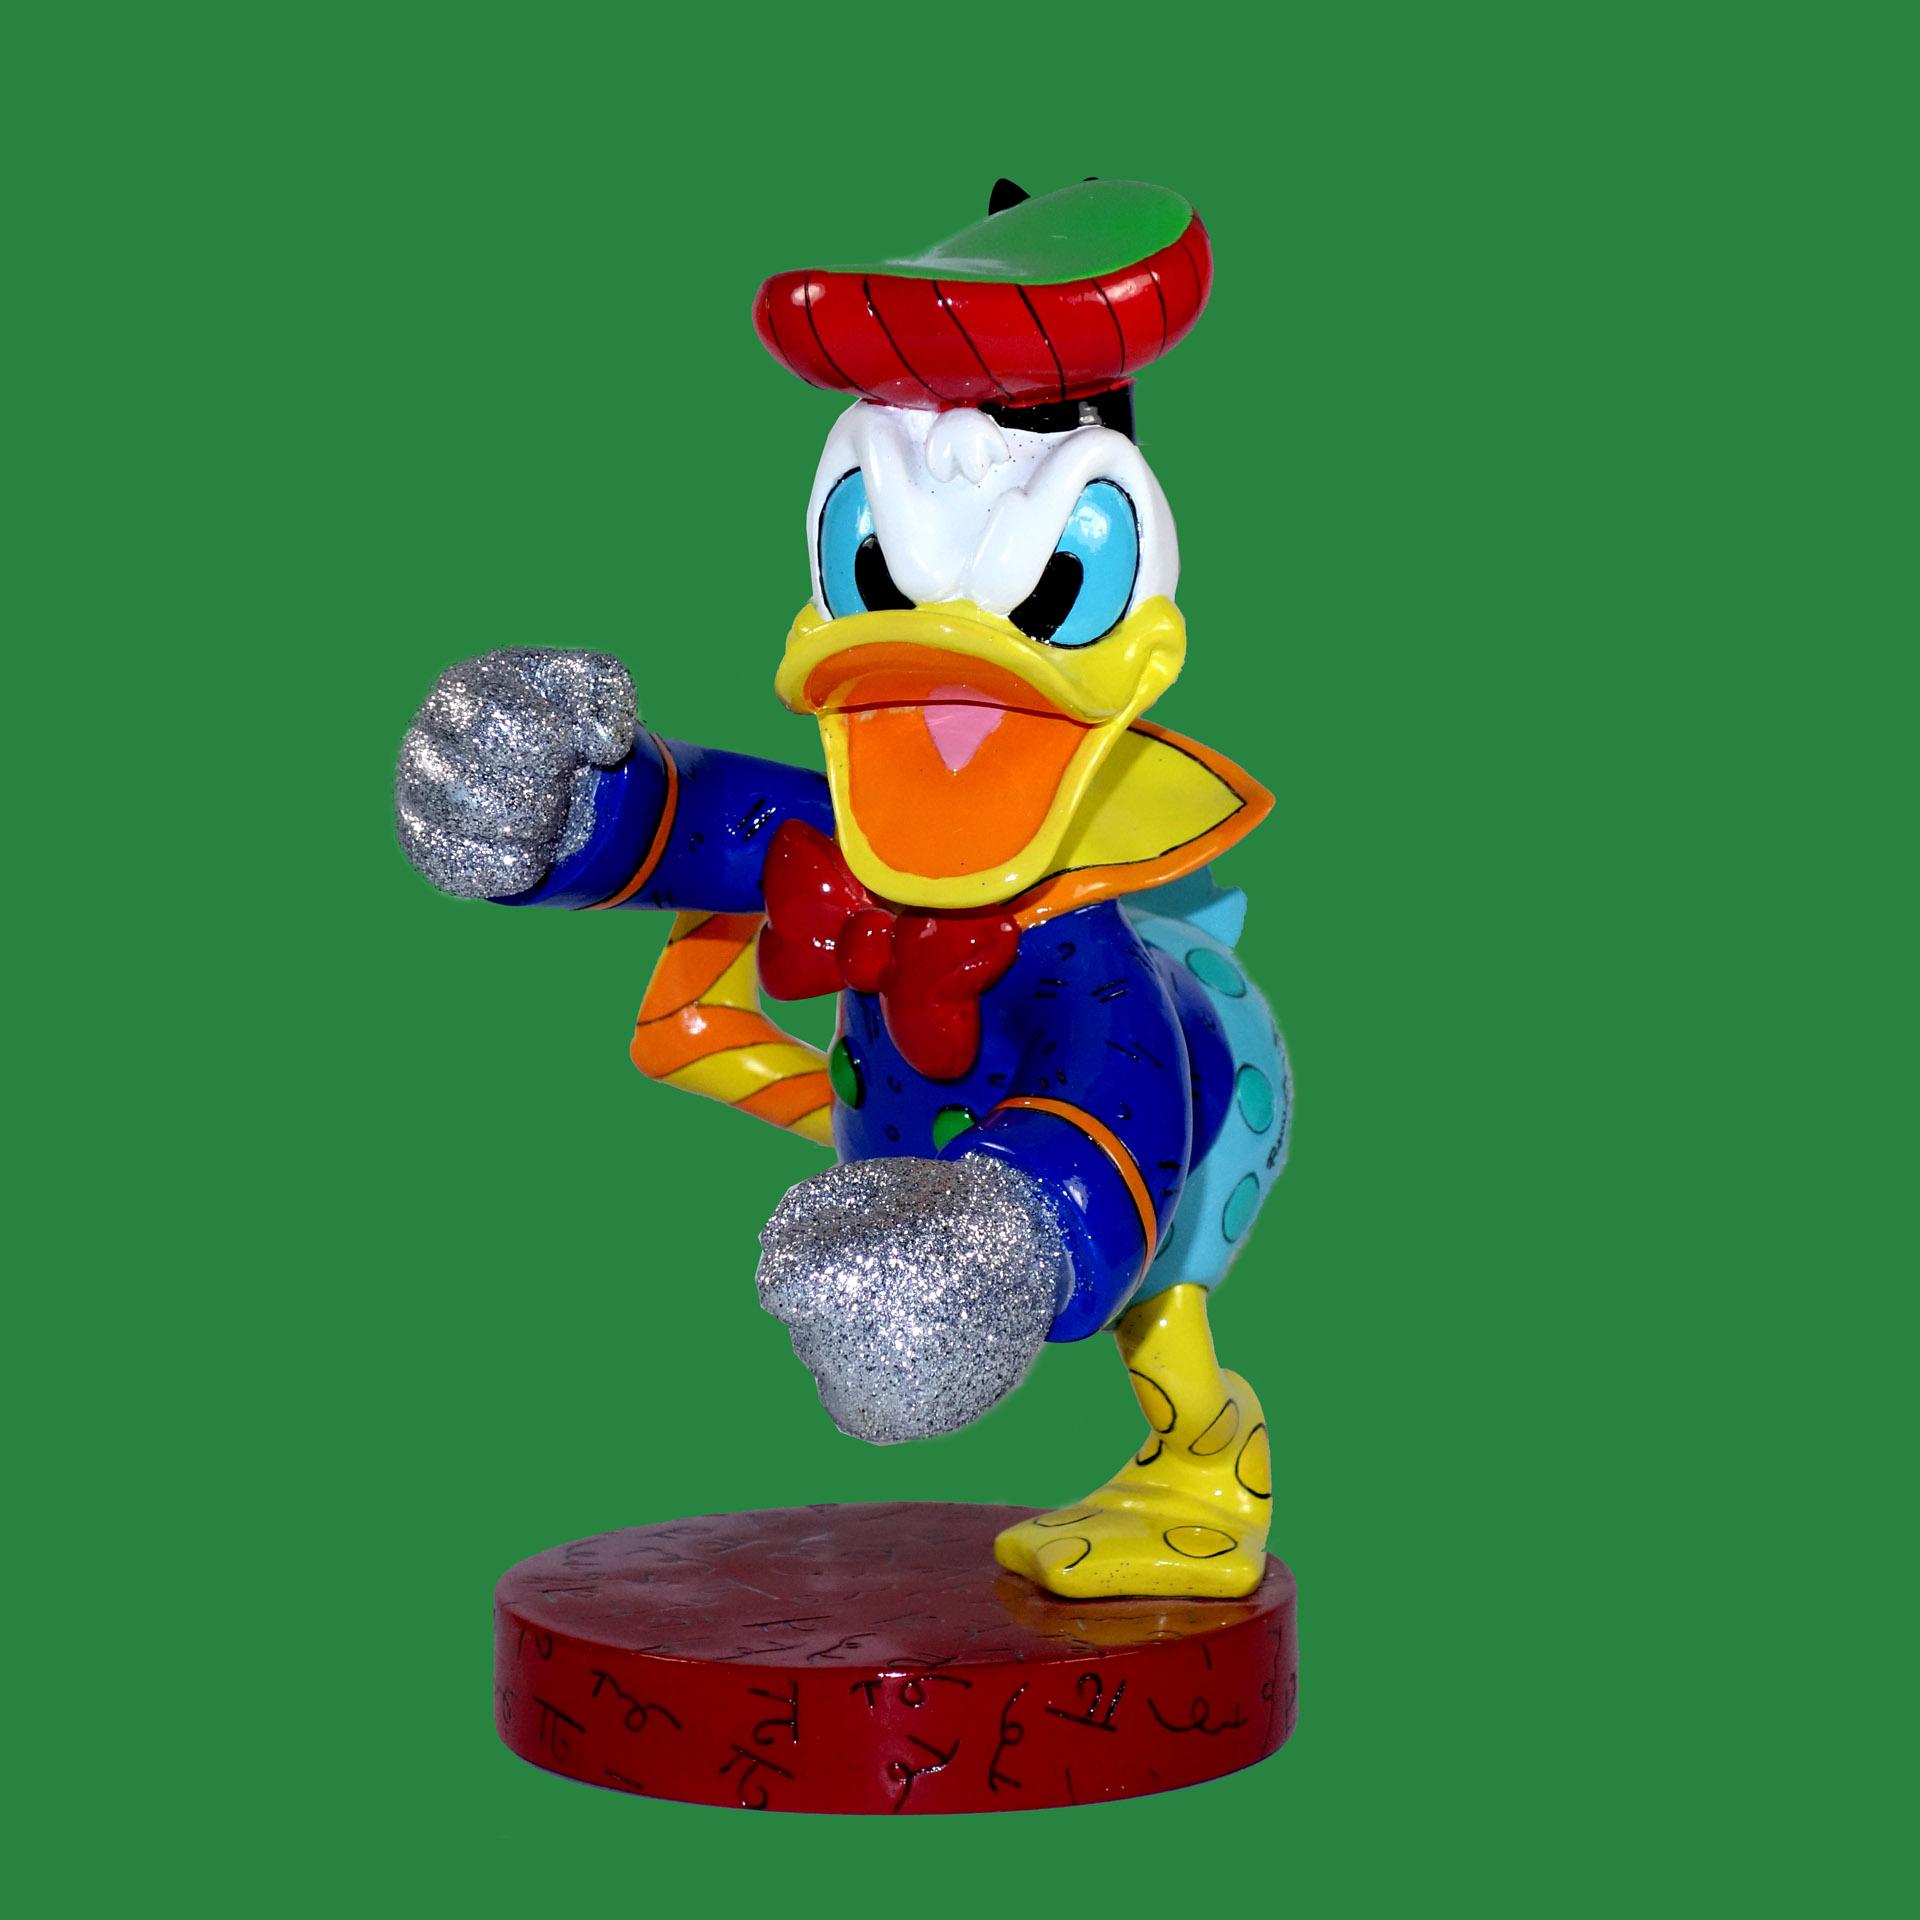 Disney Britto Donald Duck Sammelfigur